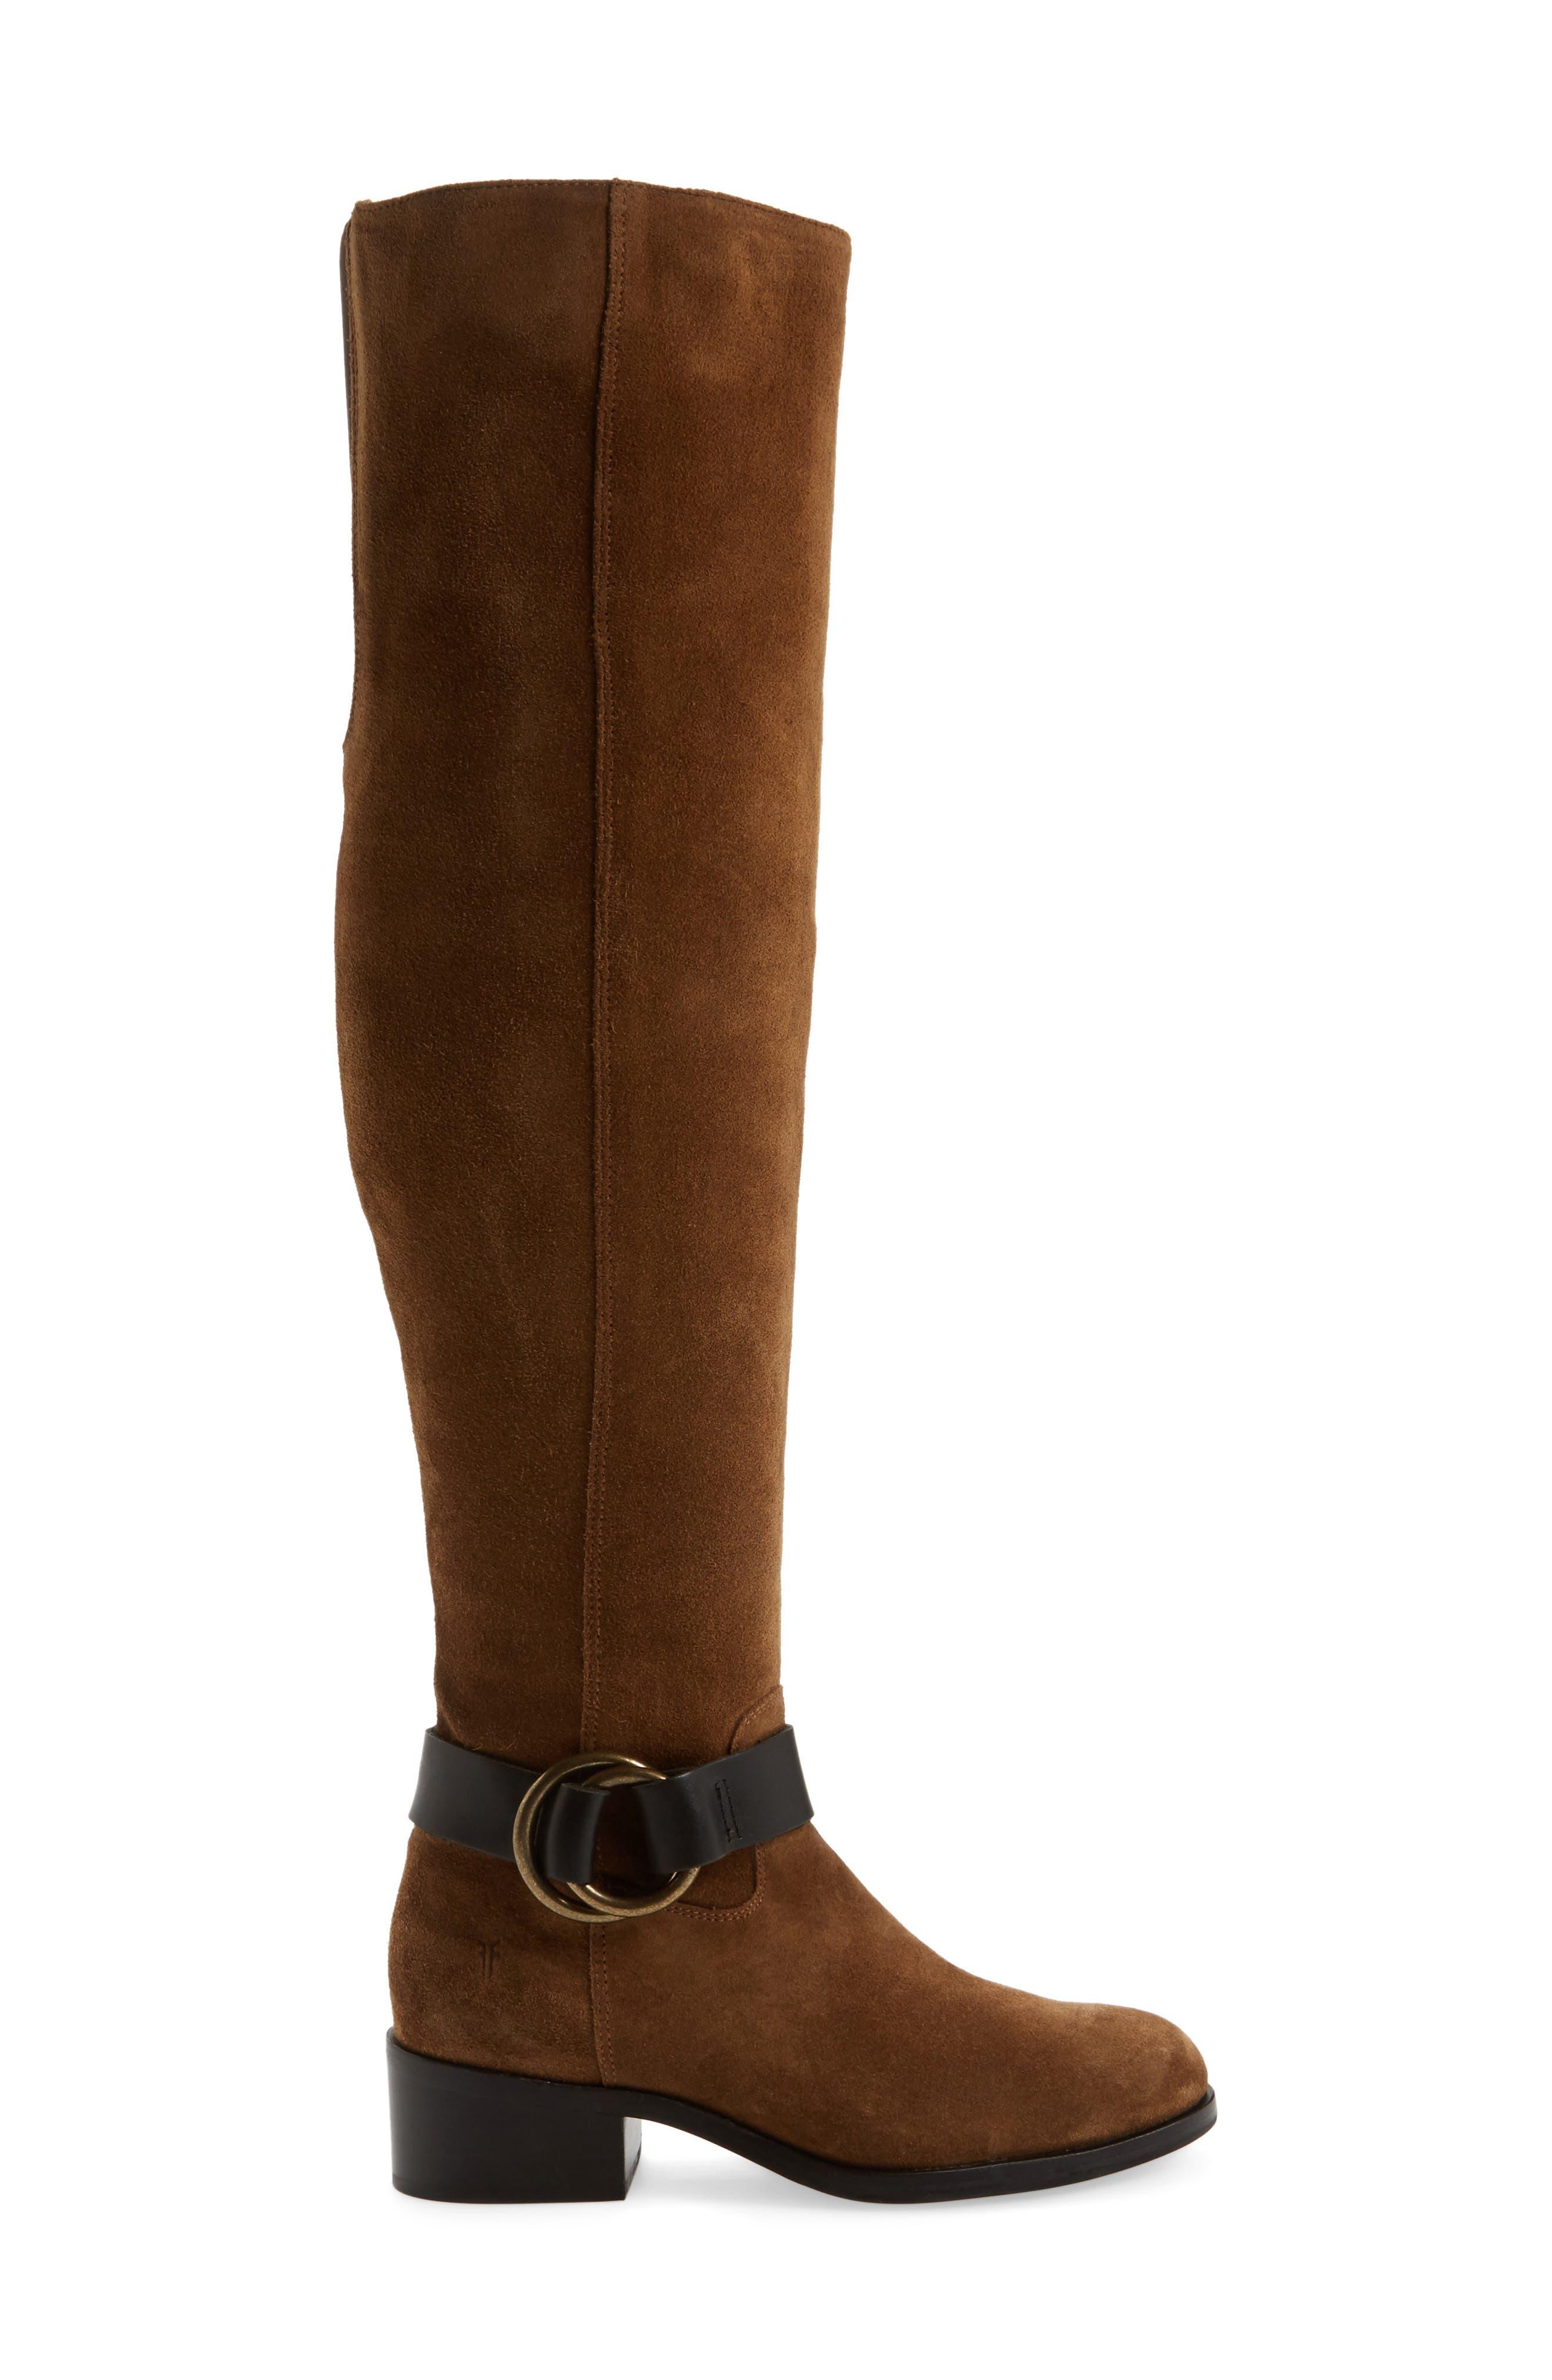 Alternate Image 3  - Frye Kristen Harness Over the Knee Boot (Women)